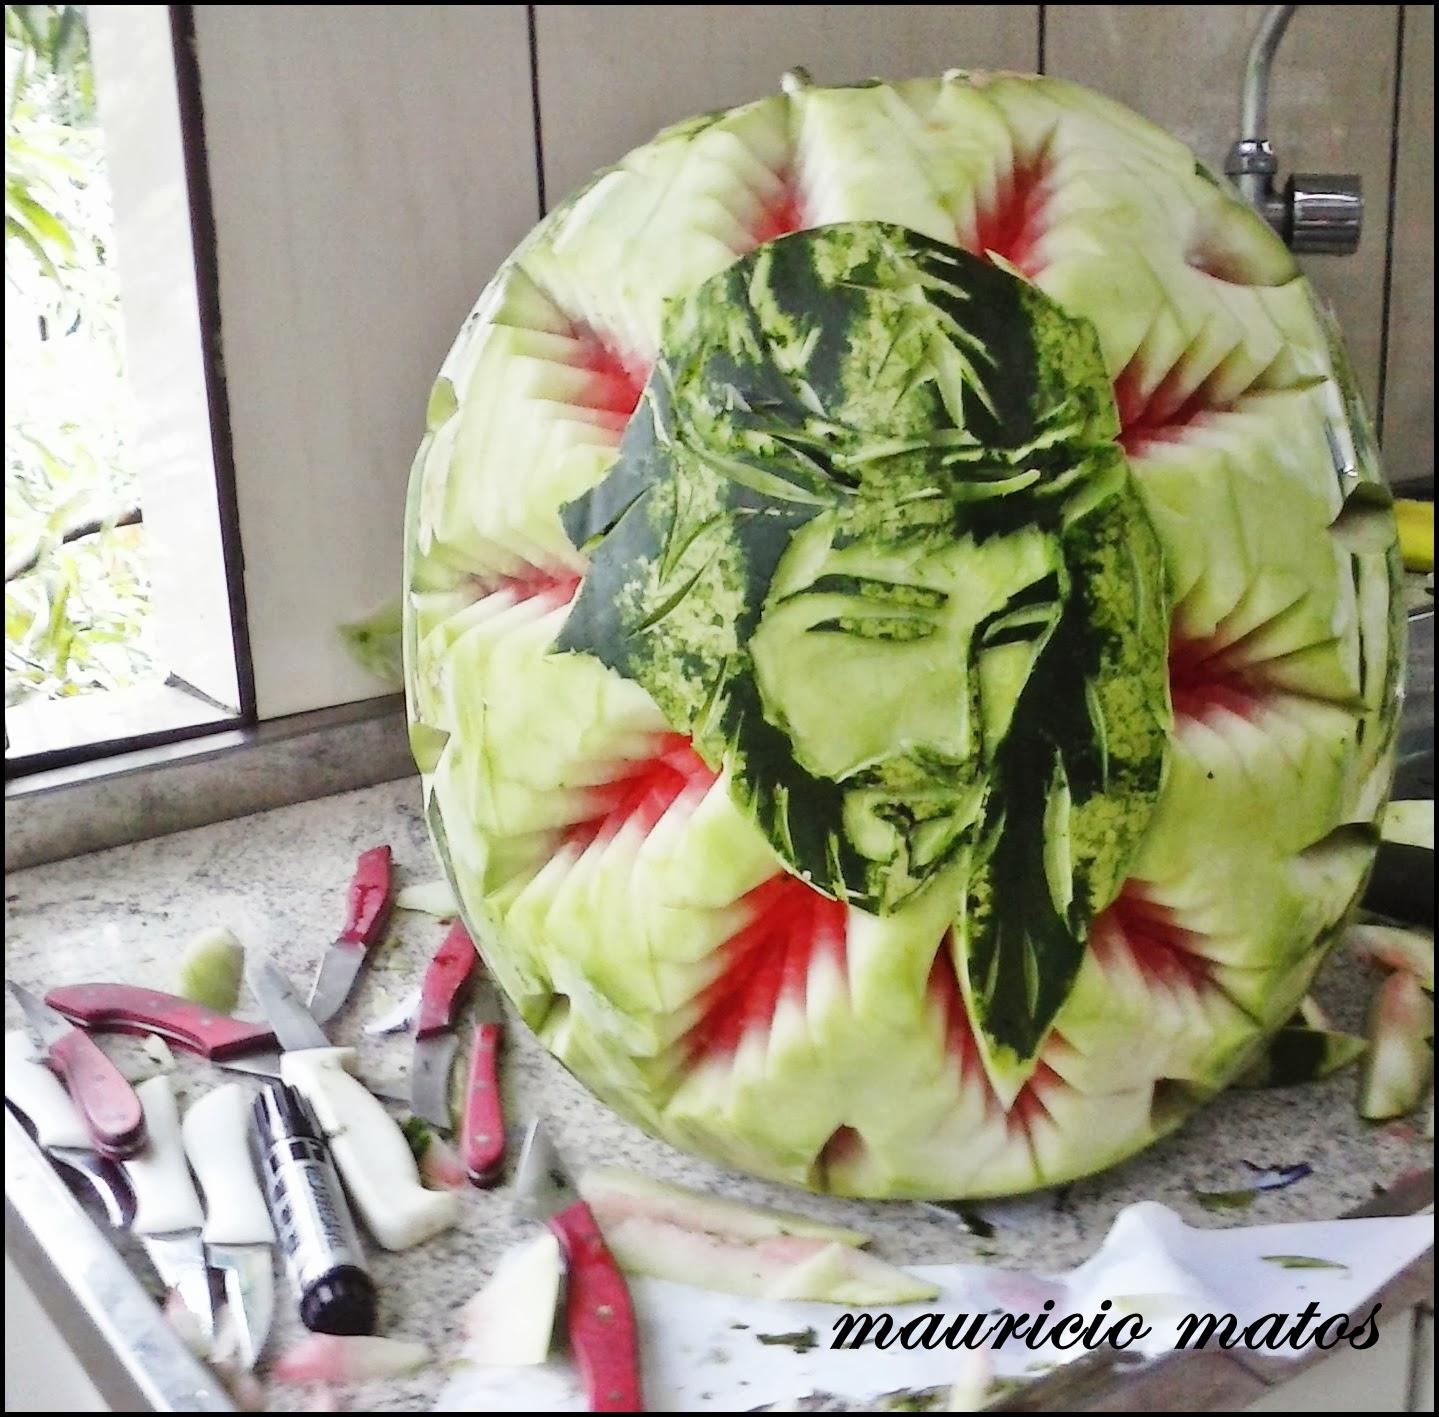 Populares Maurício Matos - Arte em Gastronomia: Rosto de Cristo na melancia  FI68